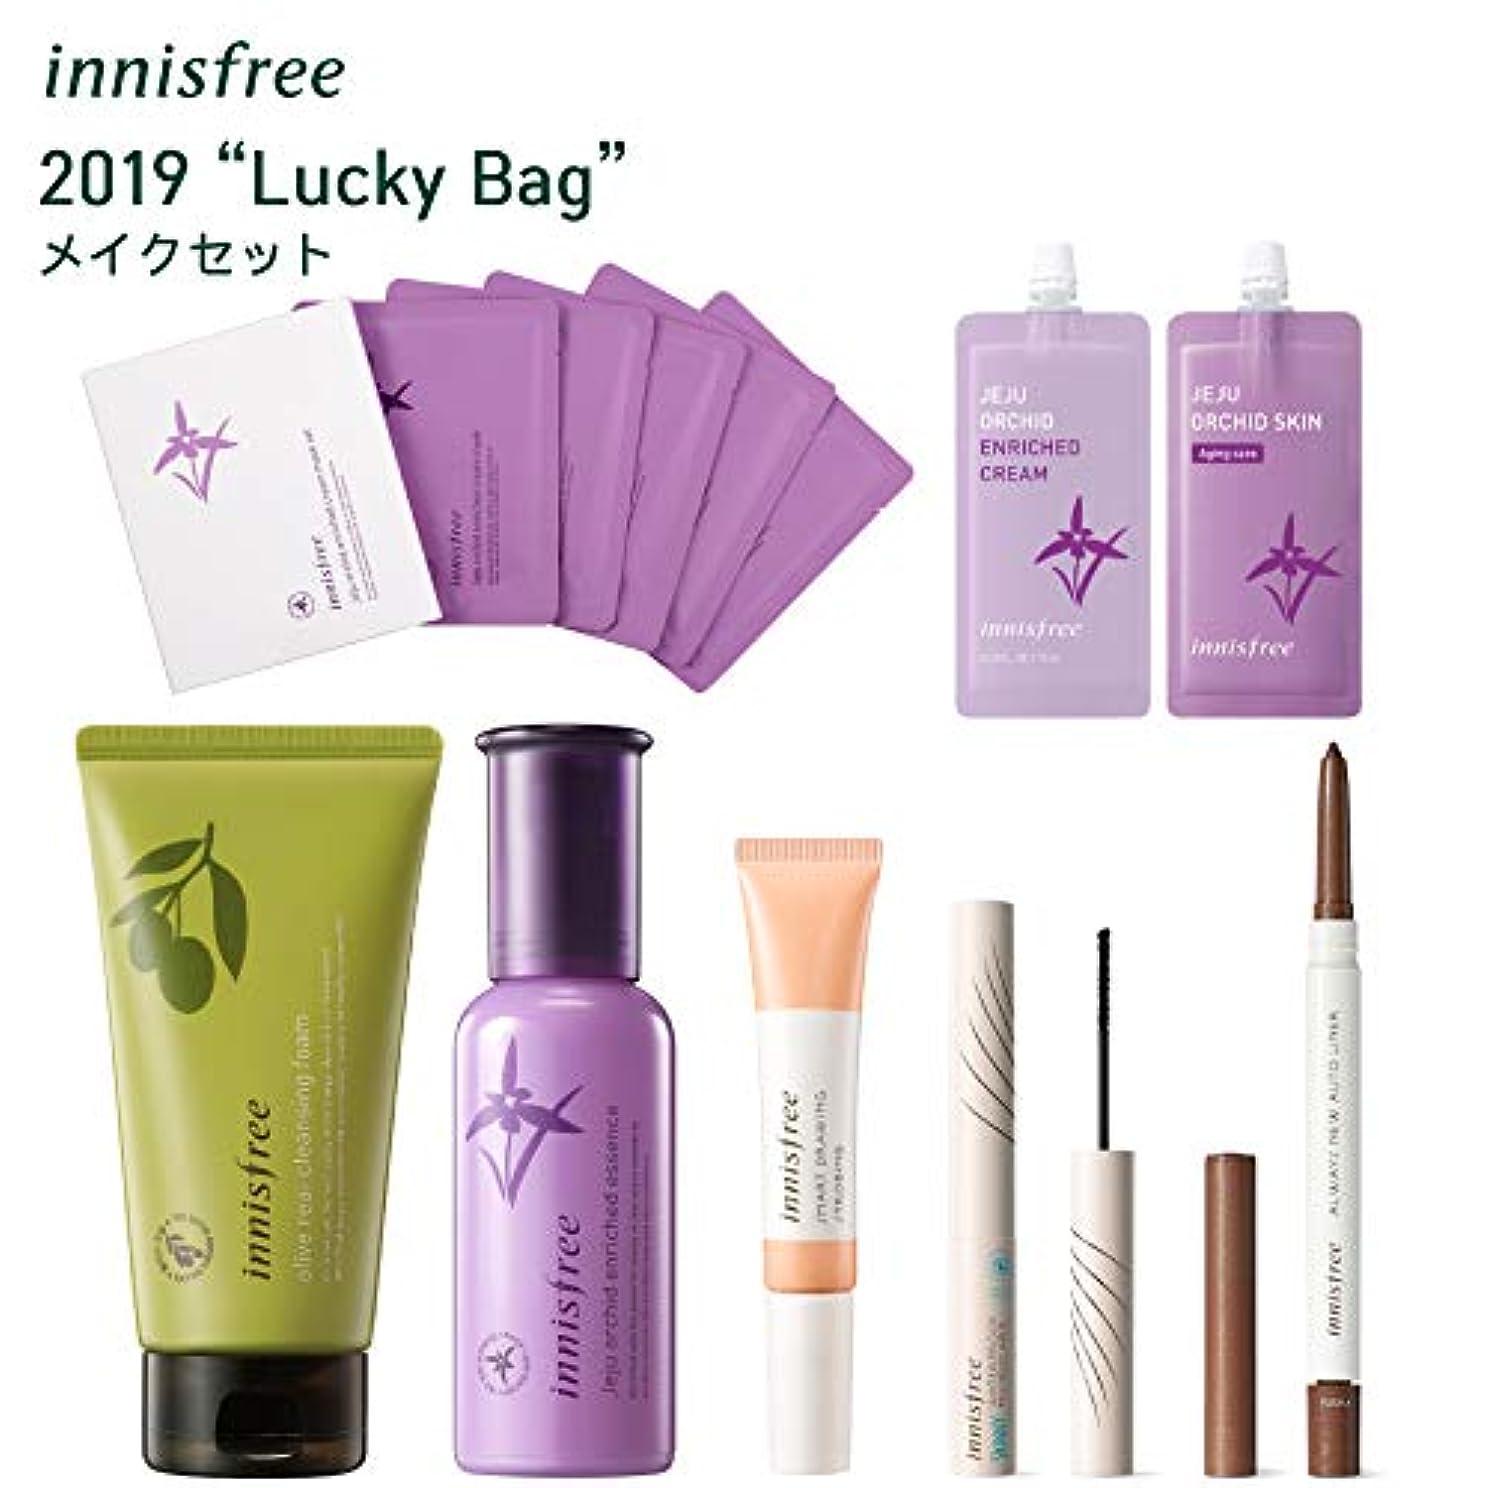 限り散文裏切り者【Amazon.co.jp 限定】イニスフリー日本公式(innisfree)Lucky Bag 2019(メイク)[福袋]